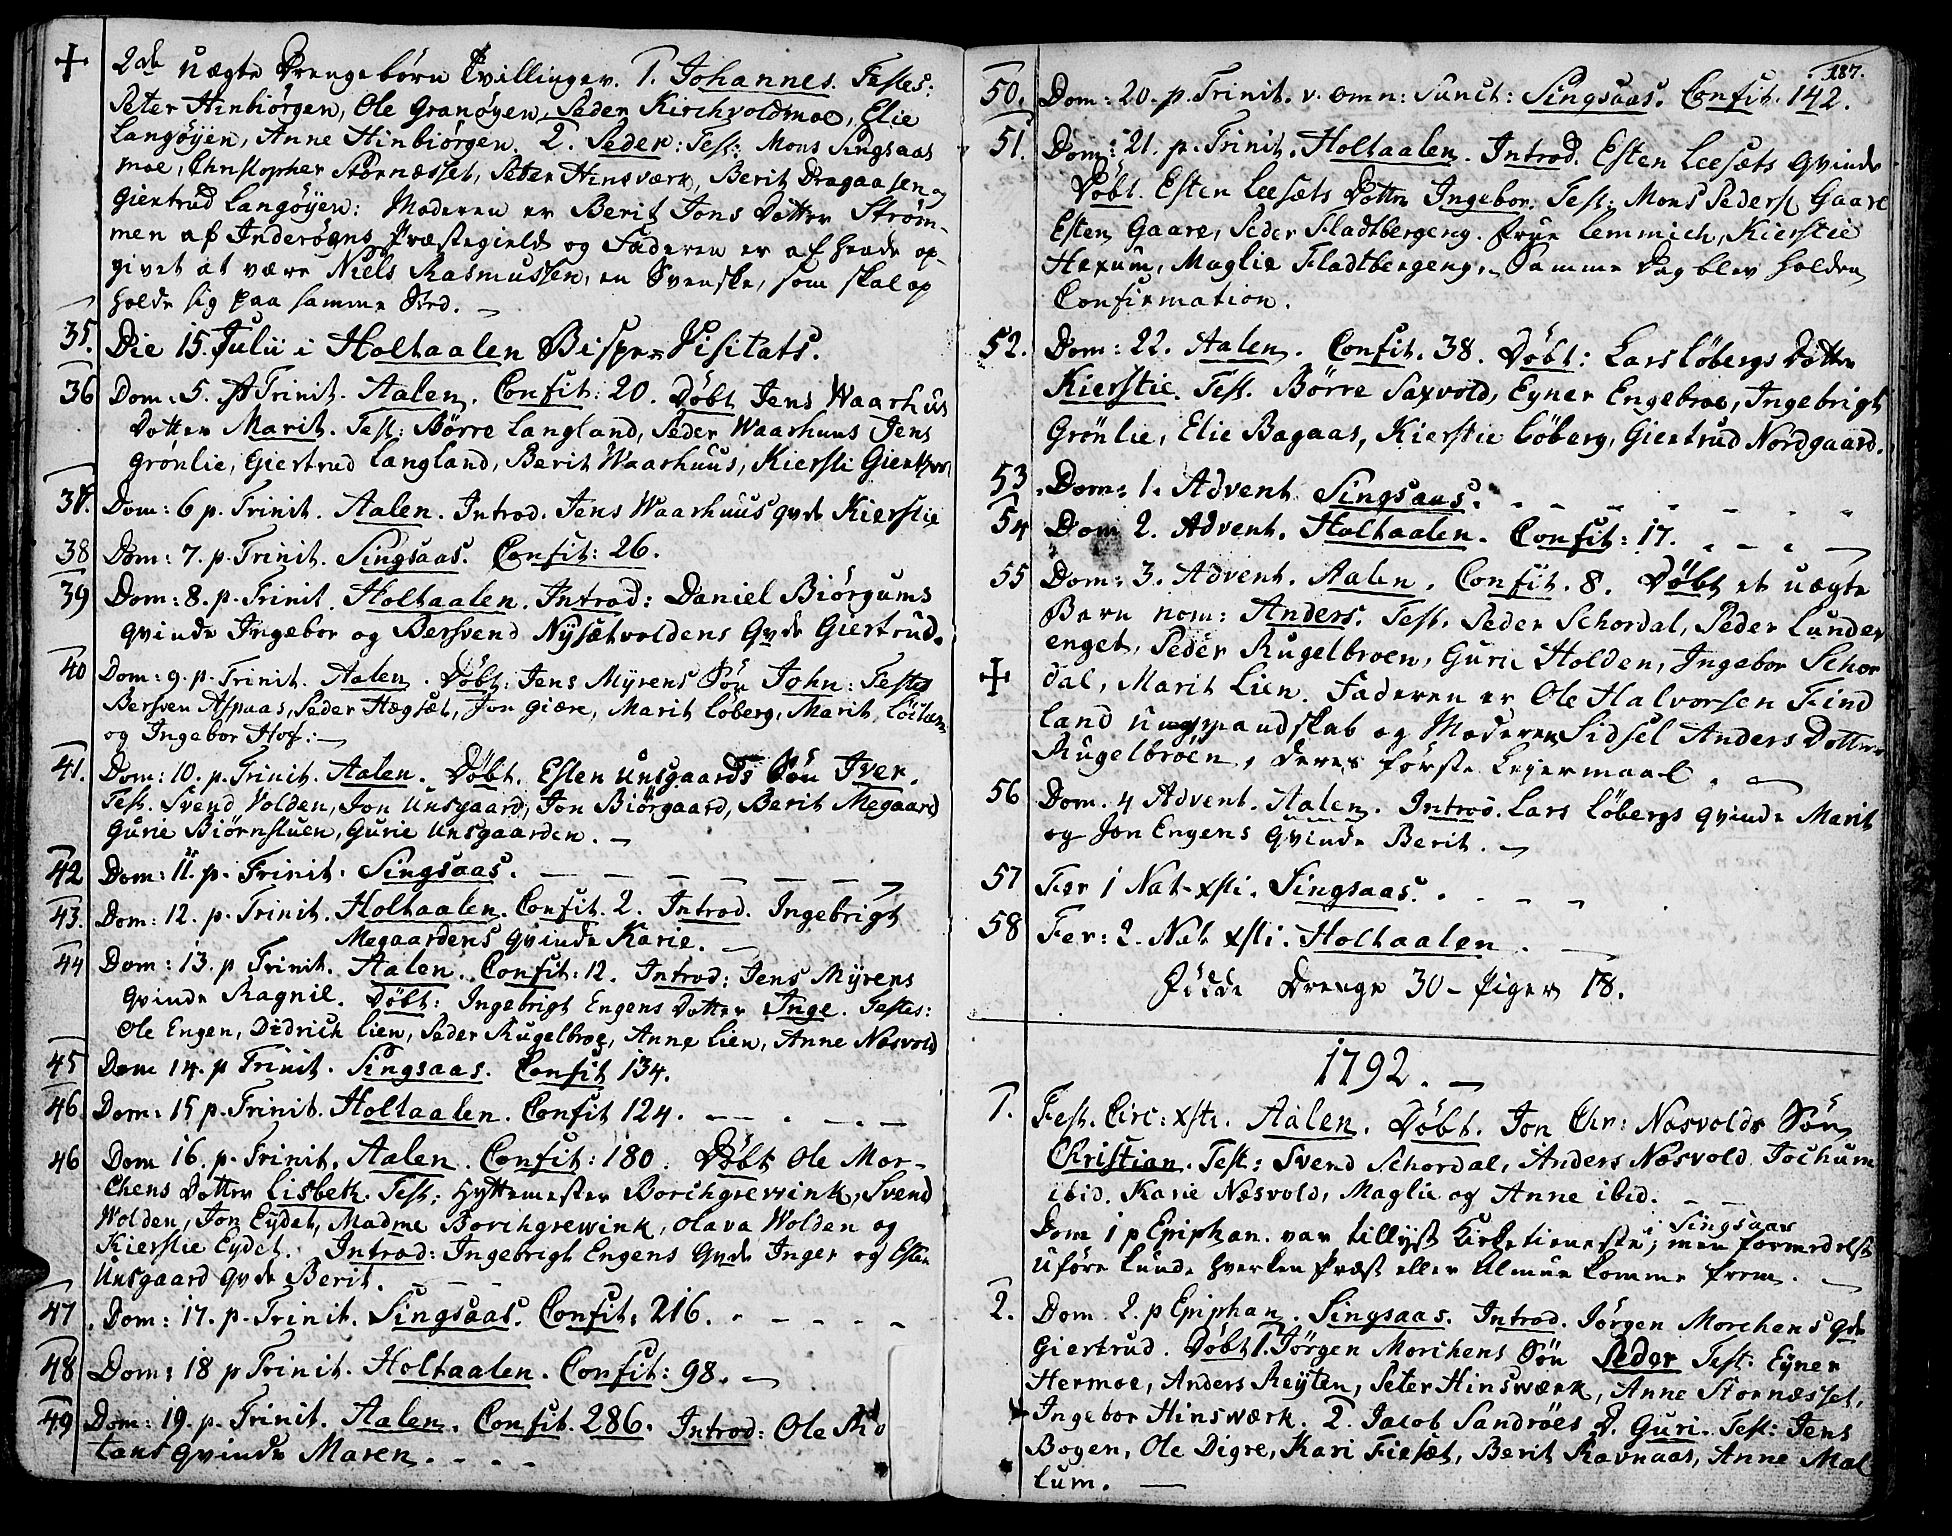 SAT, Ministerialprotokoller, klokkerbøker og fødselsregistre - Sør-Trøndelag, 685/L0952: Ministerialbok nr. 685A01, 1745-1804, s. 187